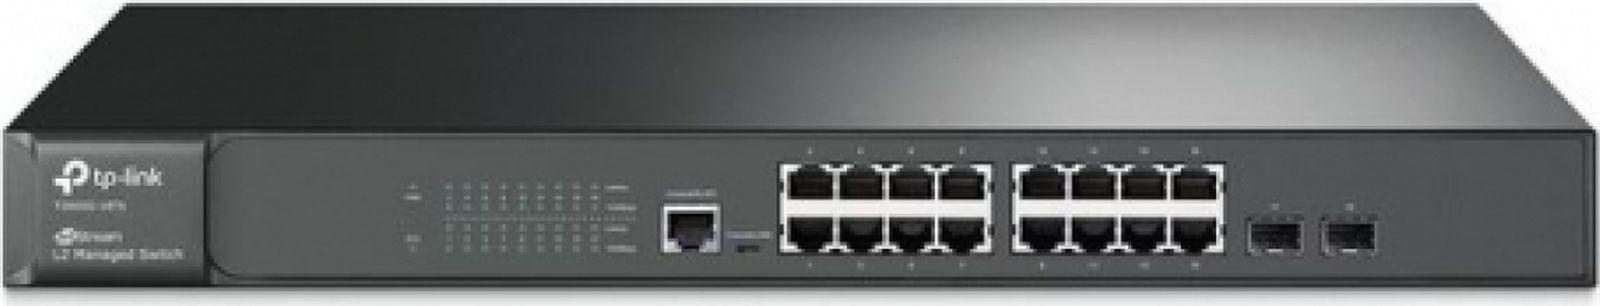 Коммутатор TP-Link T2600G-18TS 481592 16G 2SFP управляемый, 481592 телефон tp link